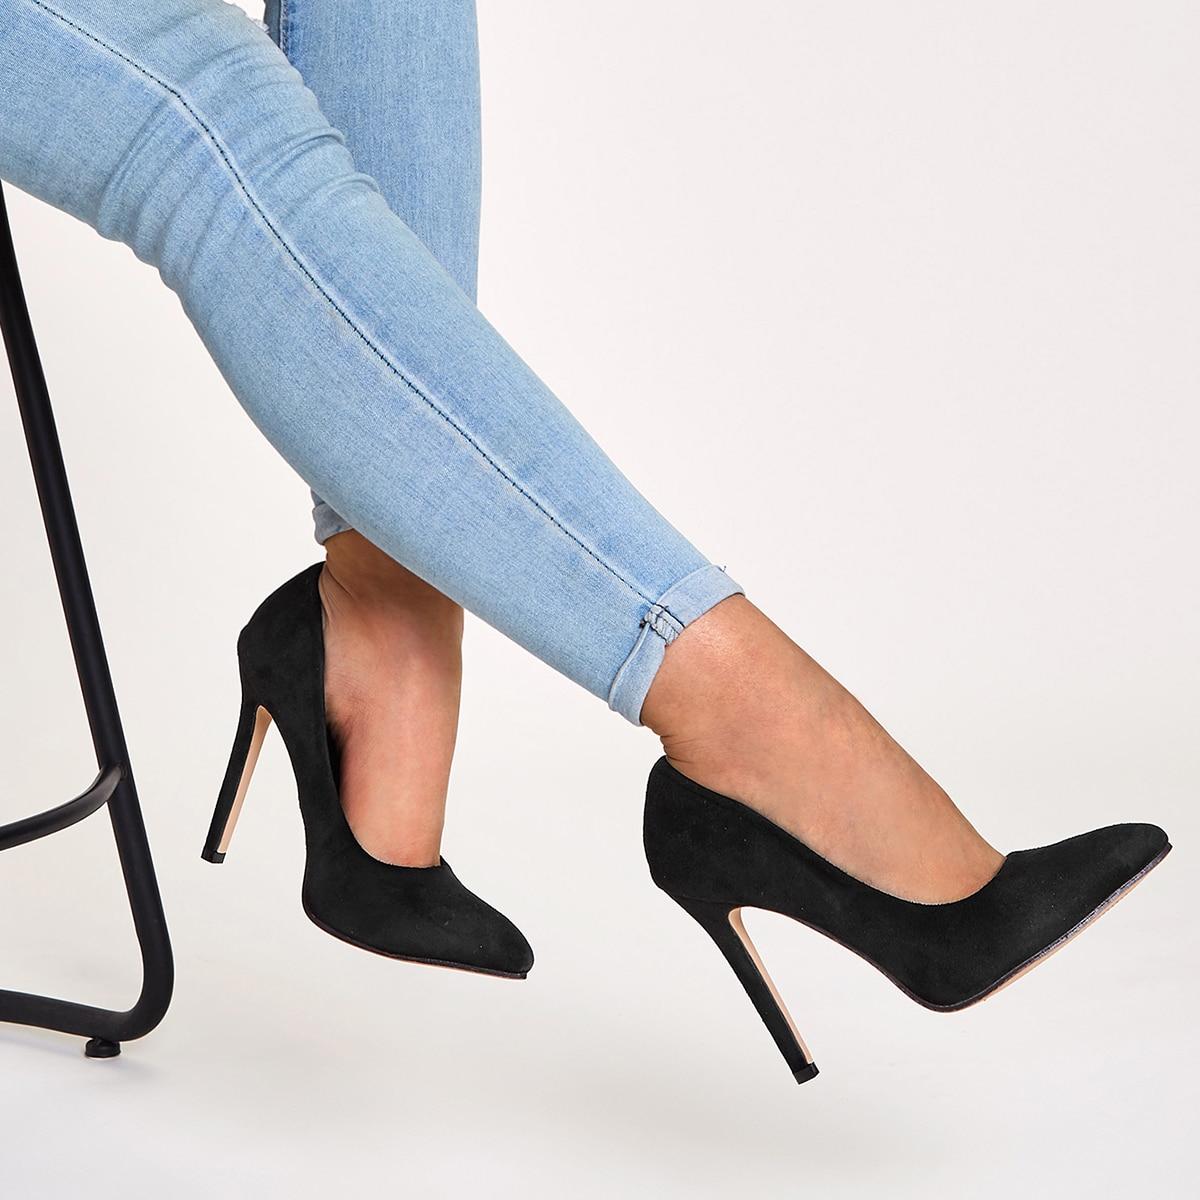 Остроконечные замшевые туфли на шпильках от SHEIN